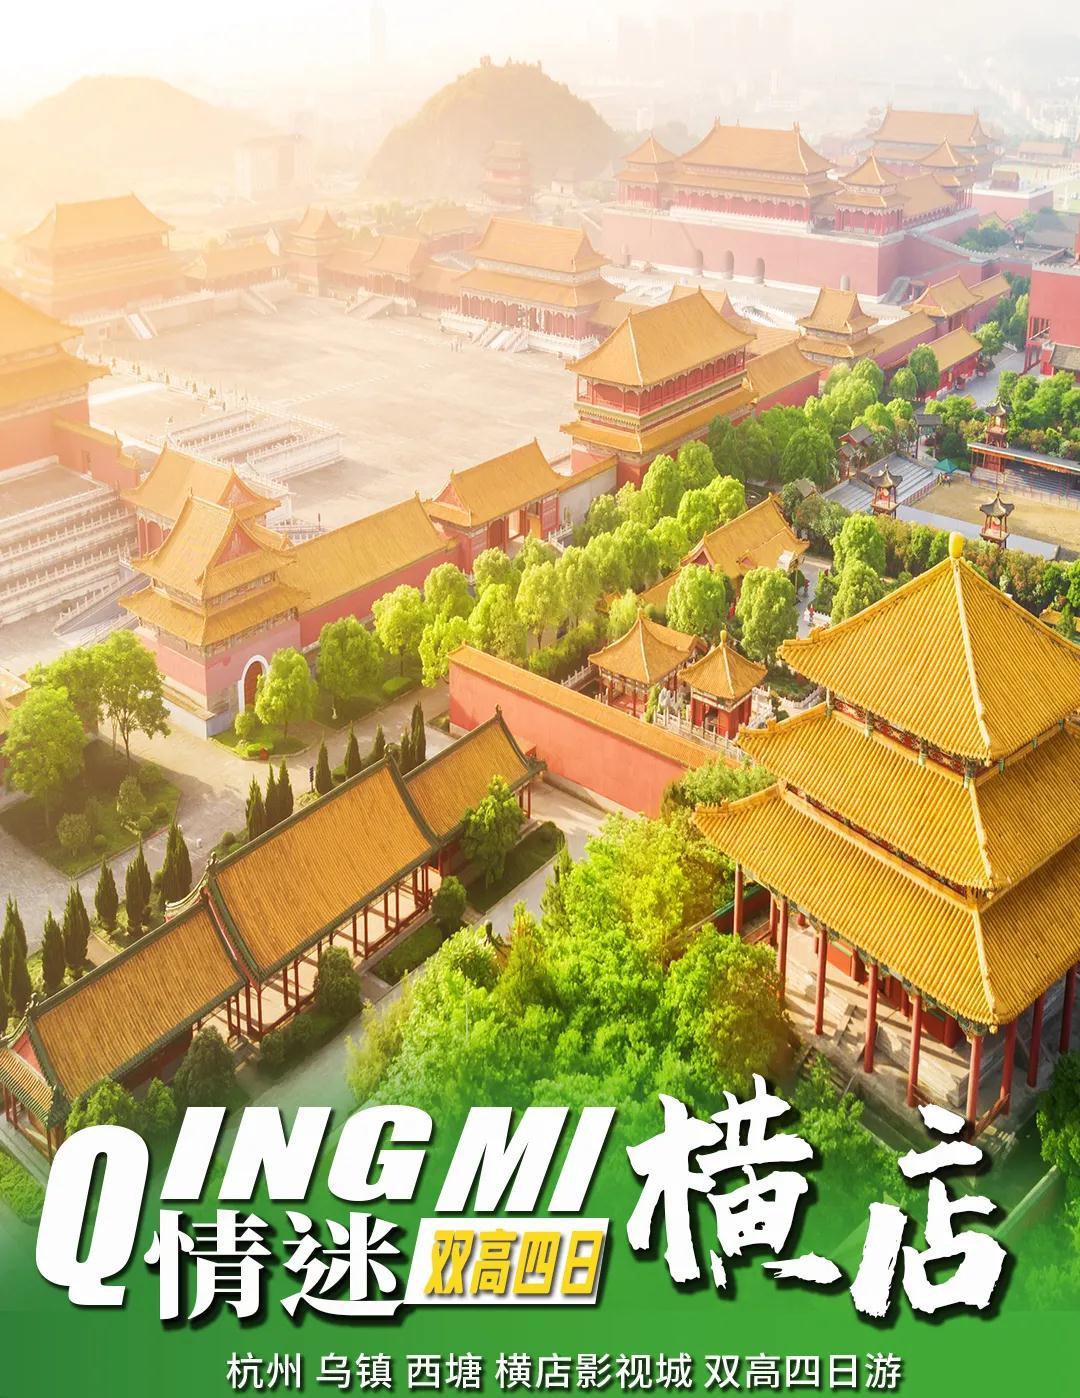 杭州、乌镇、西塘、横店影视城双高四日游